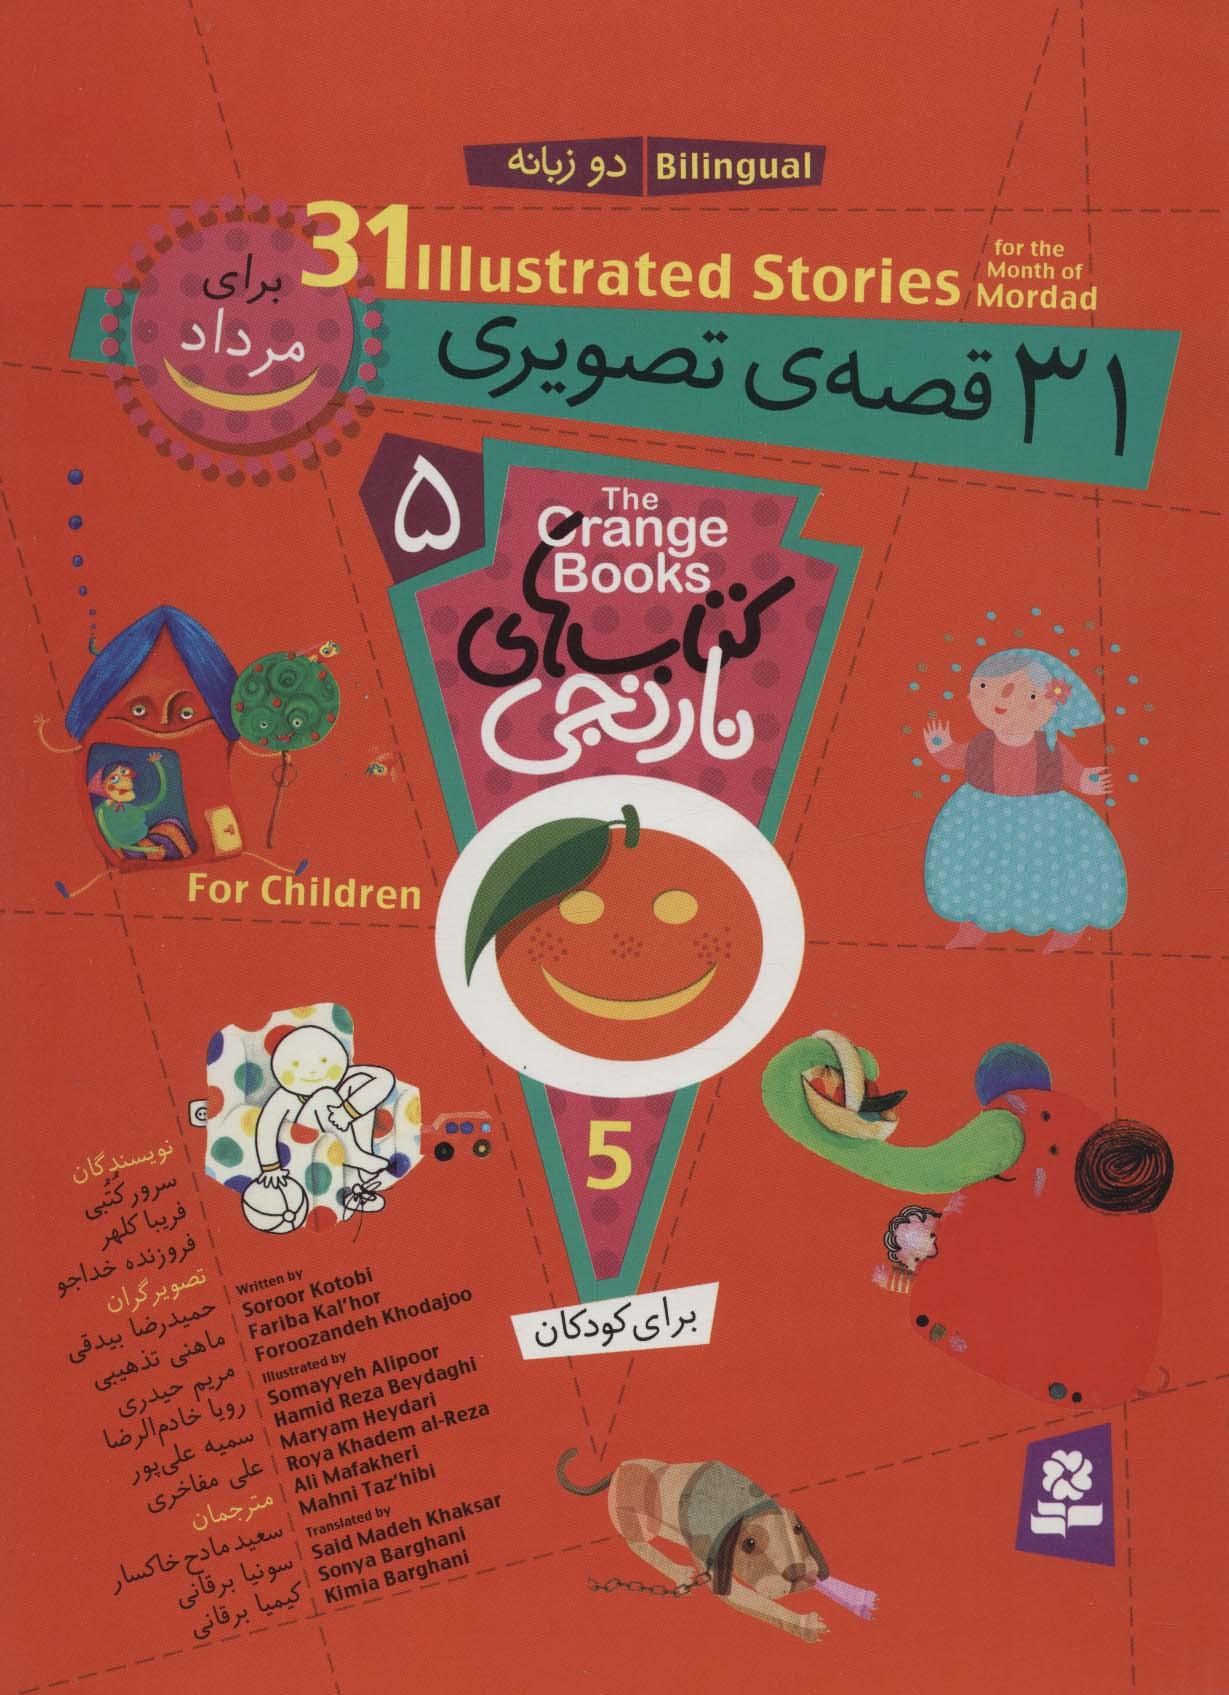 مجموعه کتاب های نارنجی 5 (31 قصه ی تصویری برای مرداد)،(2زبانه،گلاسه)